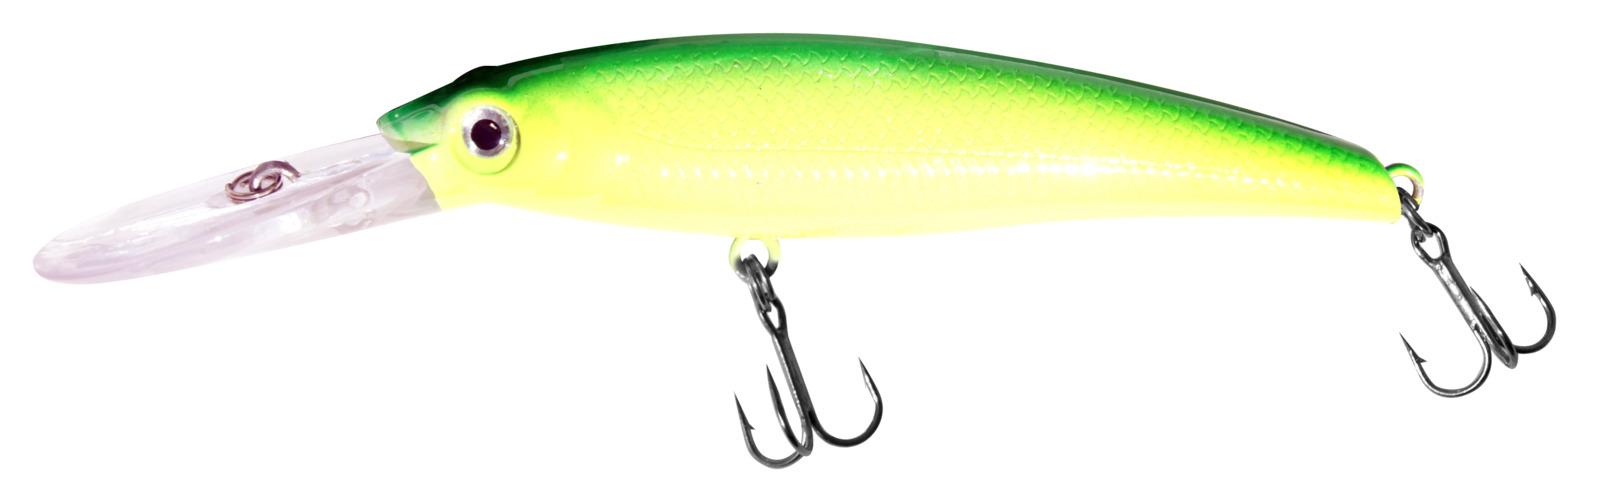 Воблер Siweida Deep Runner Minnow, 0059593, зеленый, желтый (17), 140 мм, 50 г катушка siweida swd c 3f 2bb 1541012